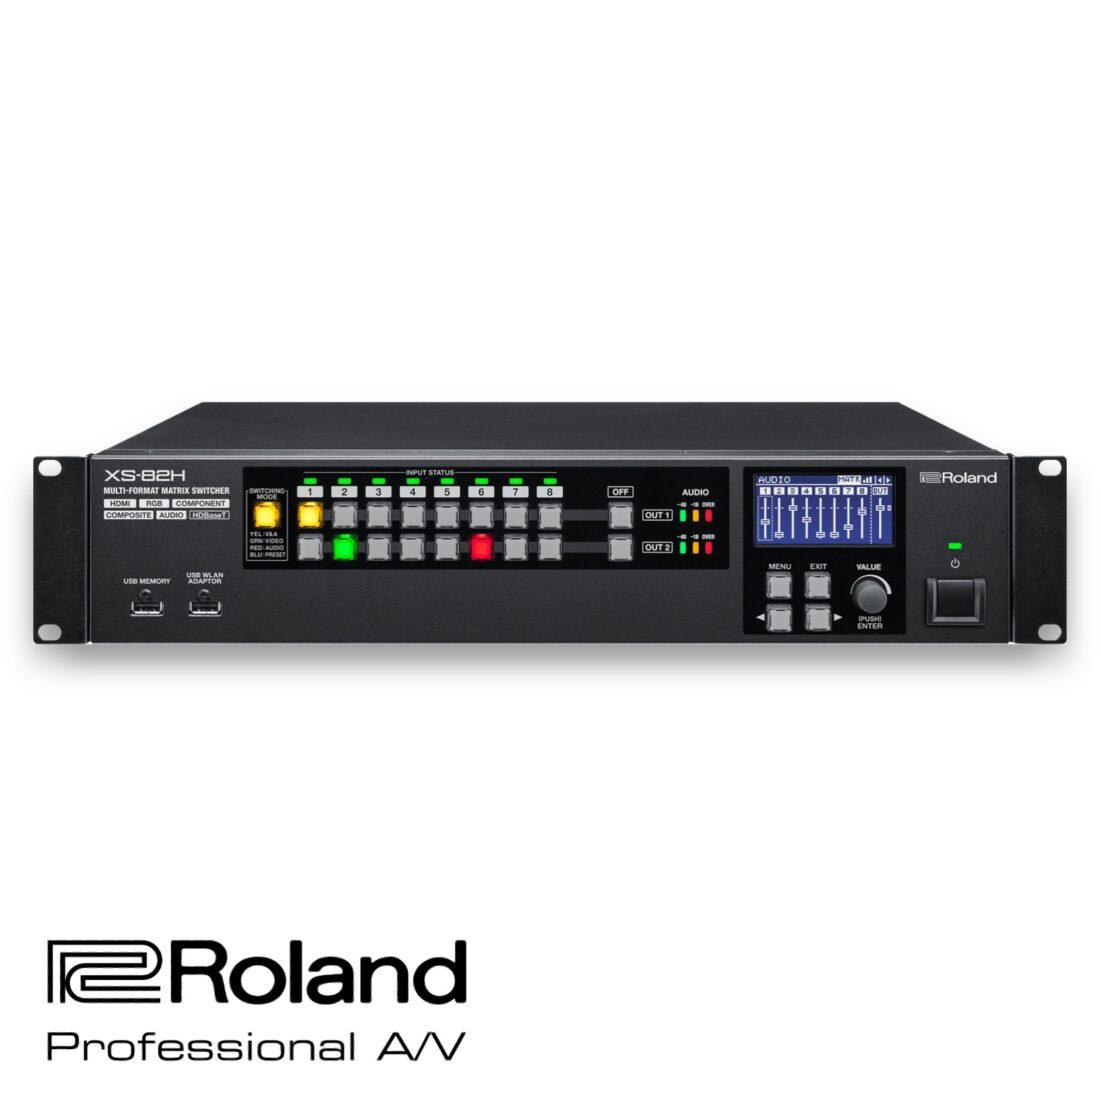 Roland XS-82H